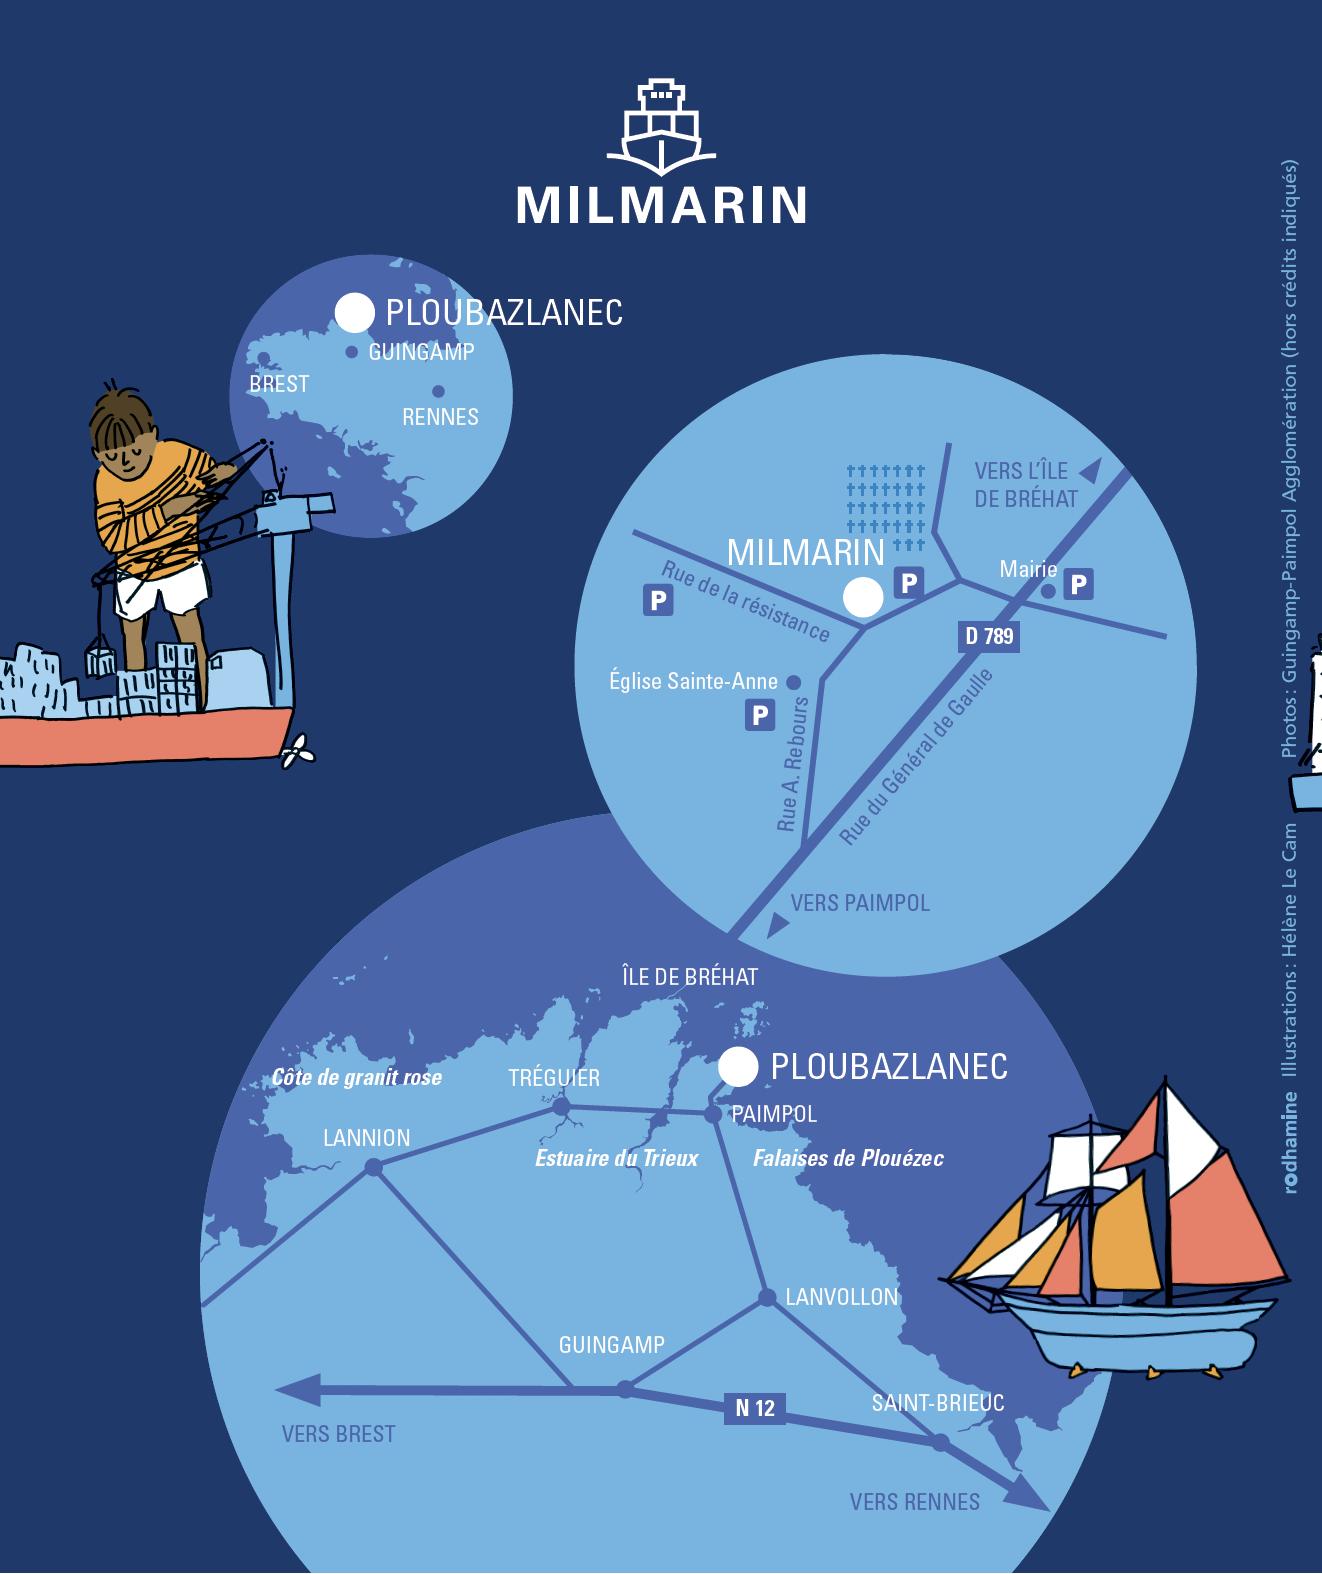 Plan d'accès au musée Milmarin de Ploubazlanec 22